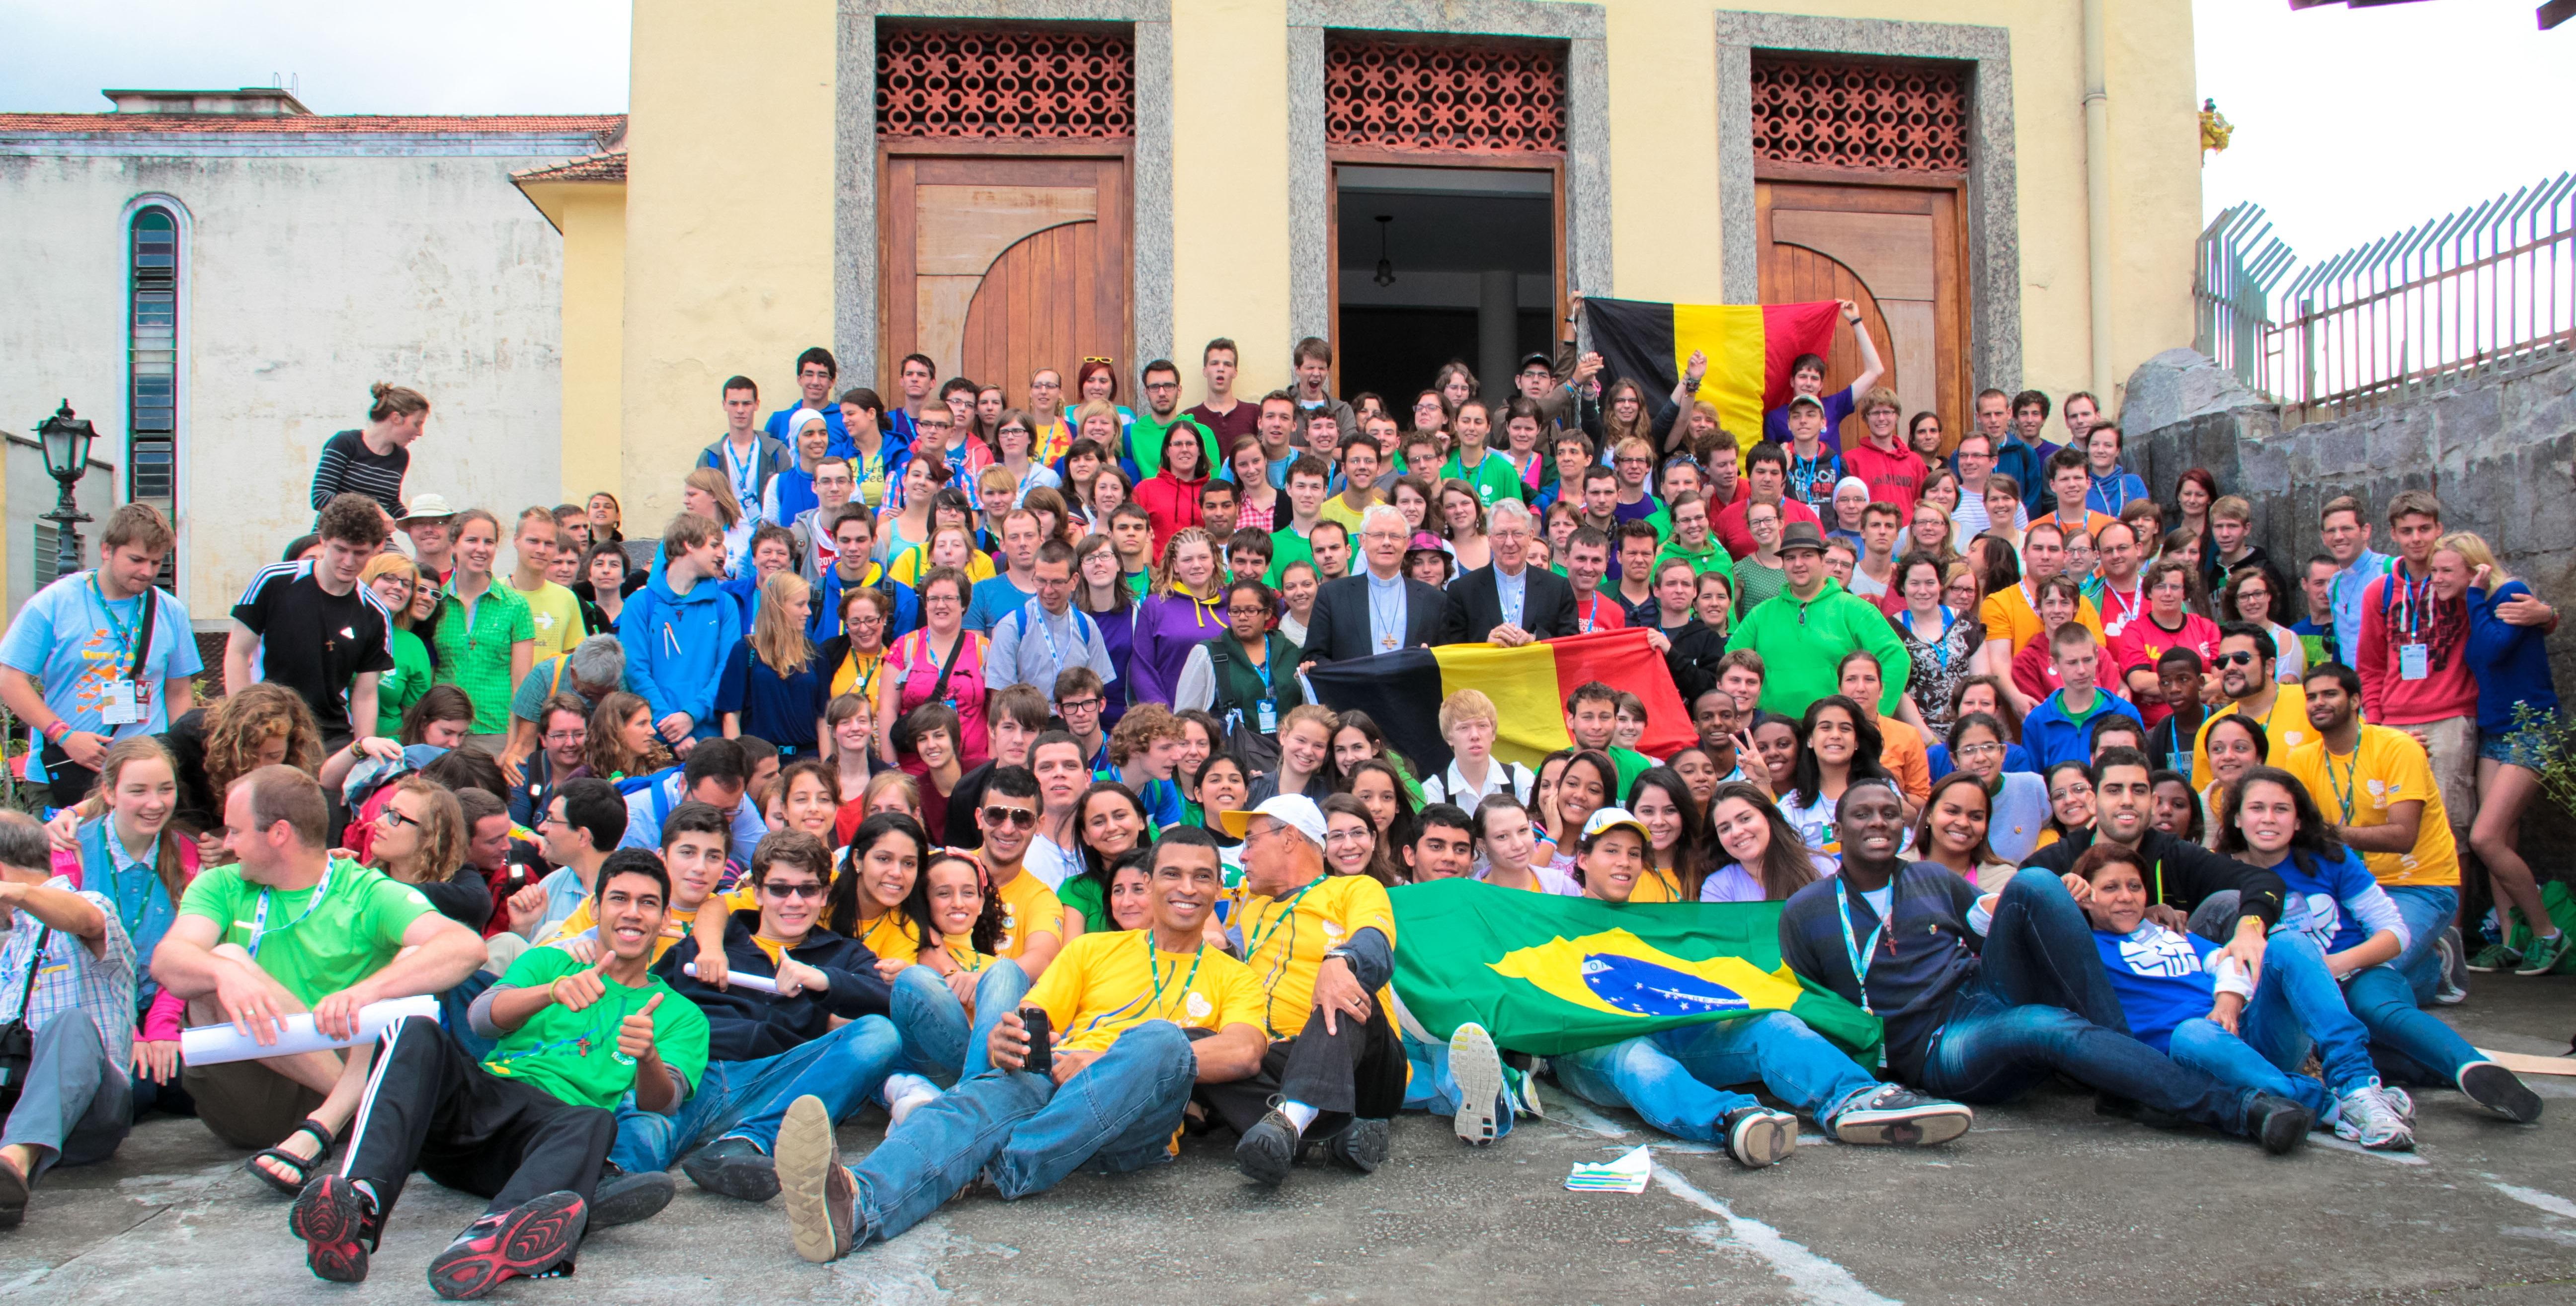 Vlaamse deelnemers aan de WJD in Rio © Persdienst bisdom Hasselt